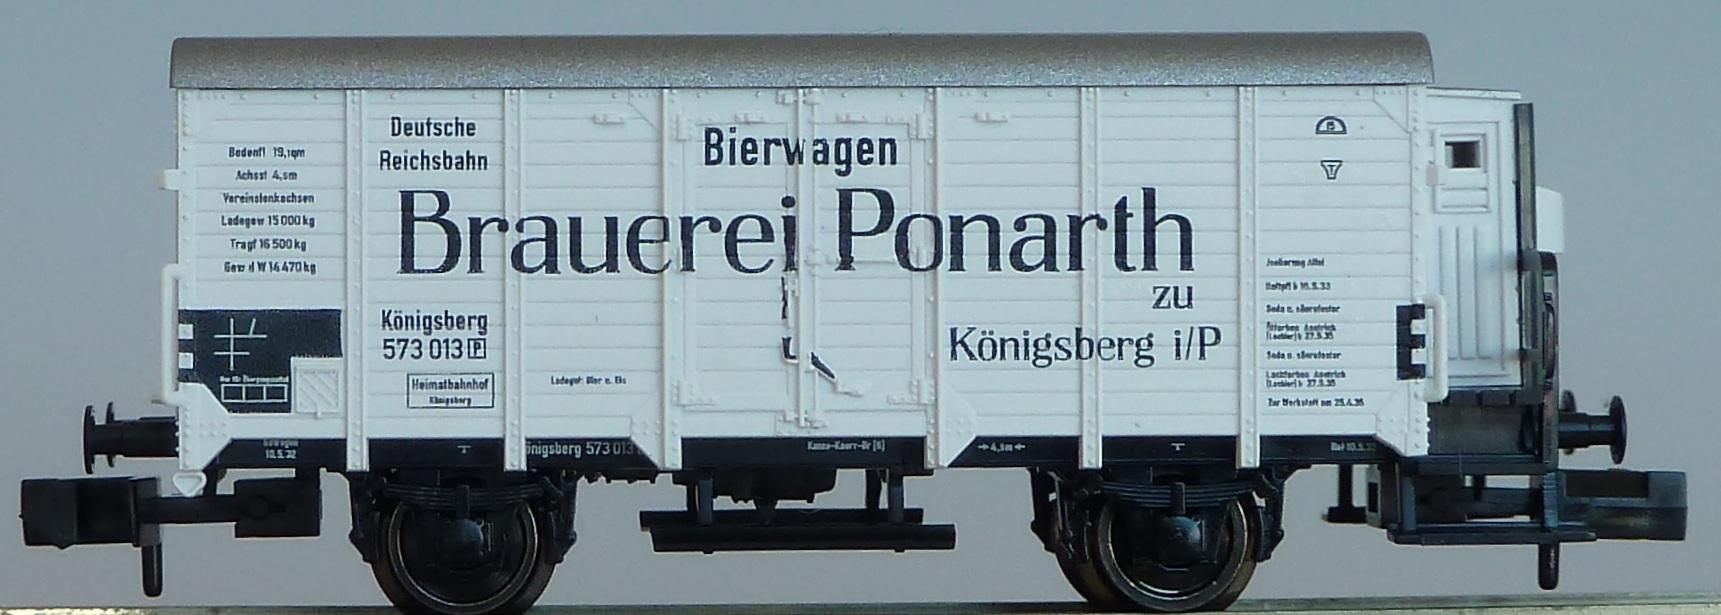 deutsche brauerei db Deutsche brauerei - free download as powerpoint presentation (ppt), pdf file (pdf), text file (txt) or view presentation slides online.